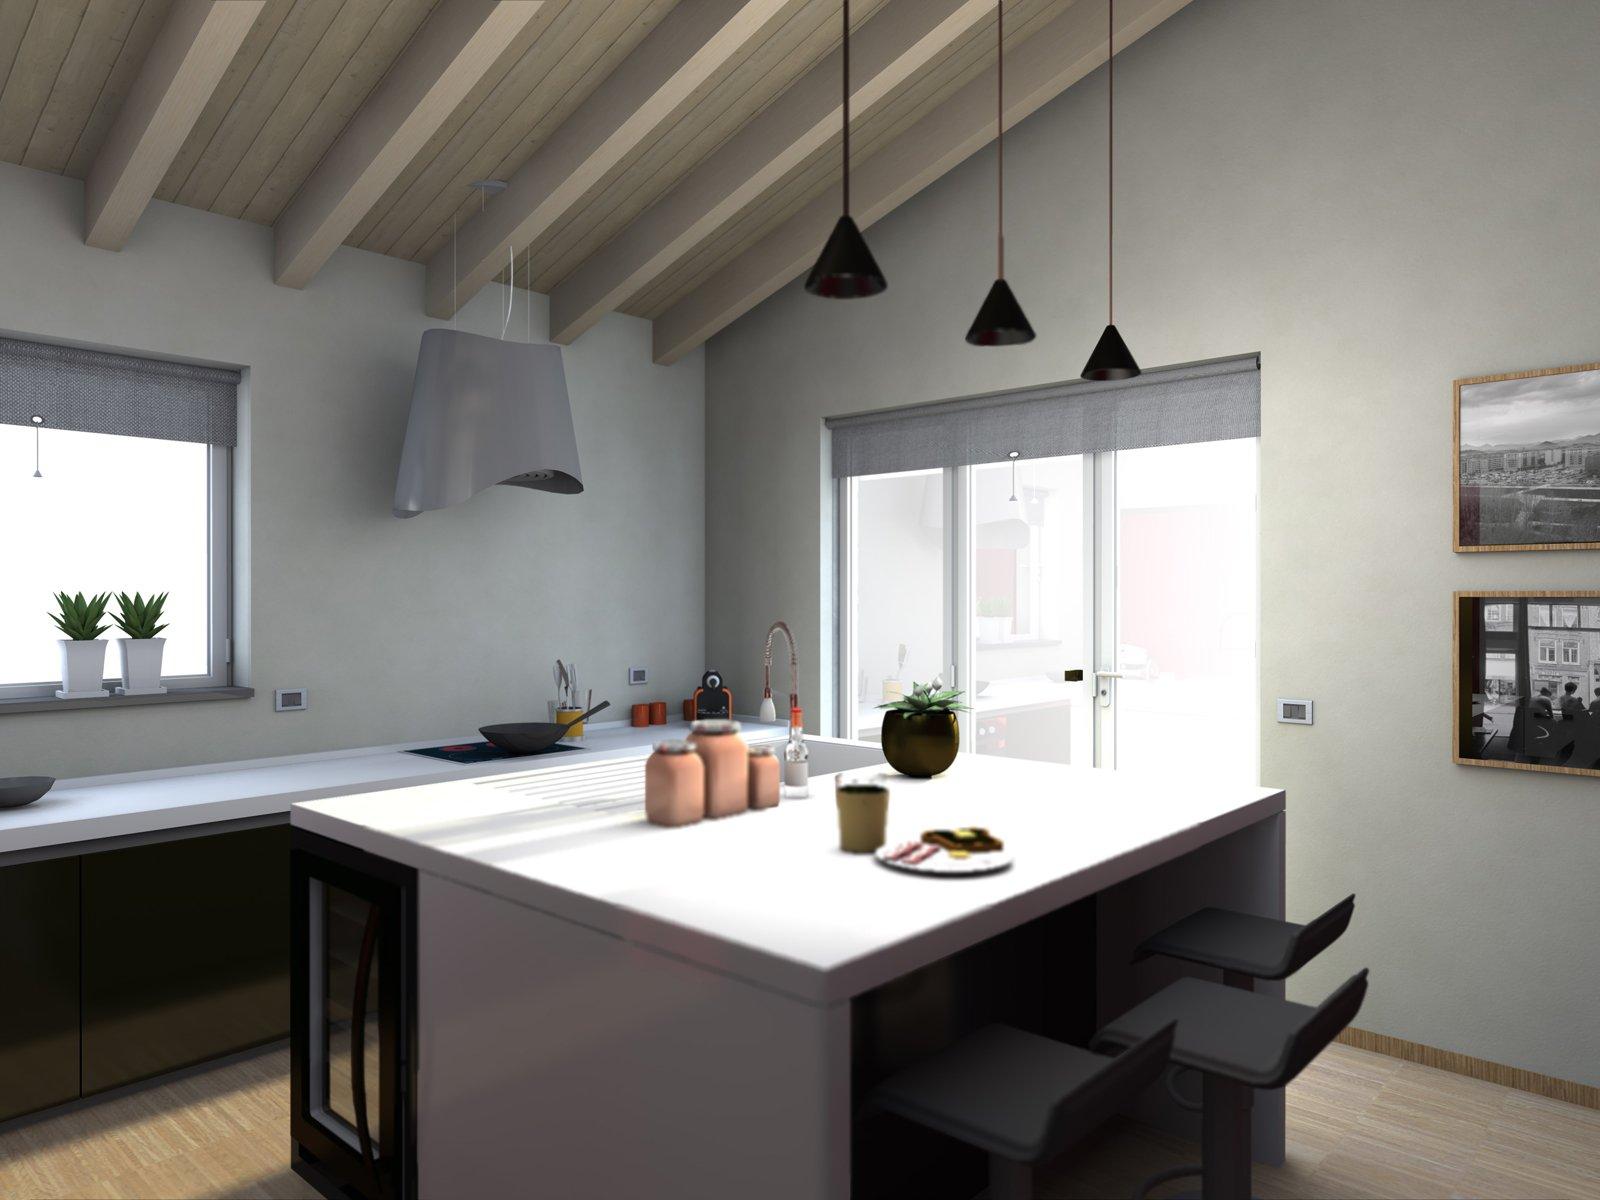 Consiglio architetto render soluzione2 1 cose di casa for Consigli architetto